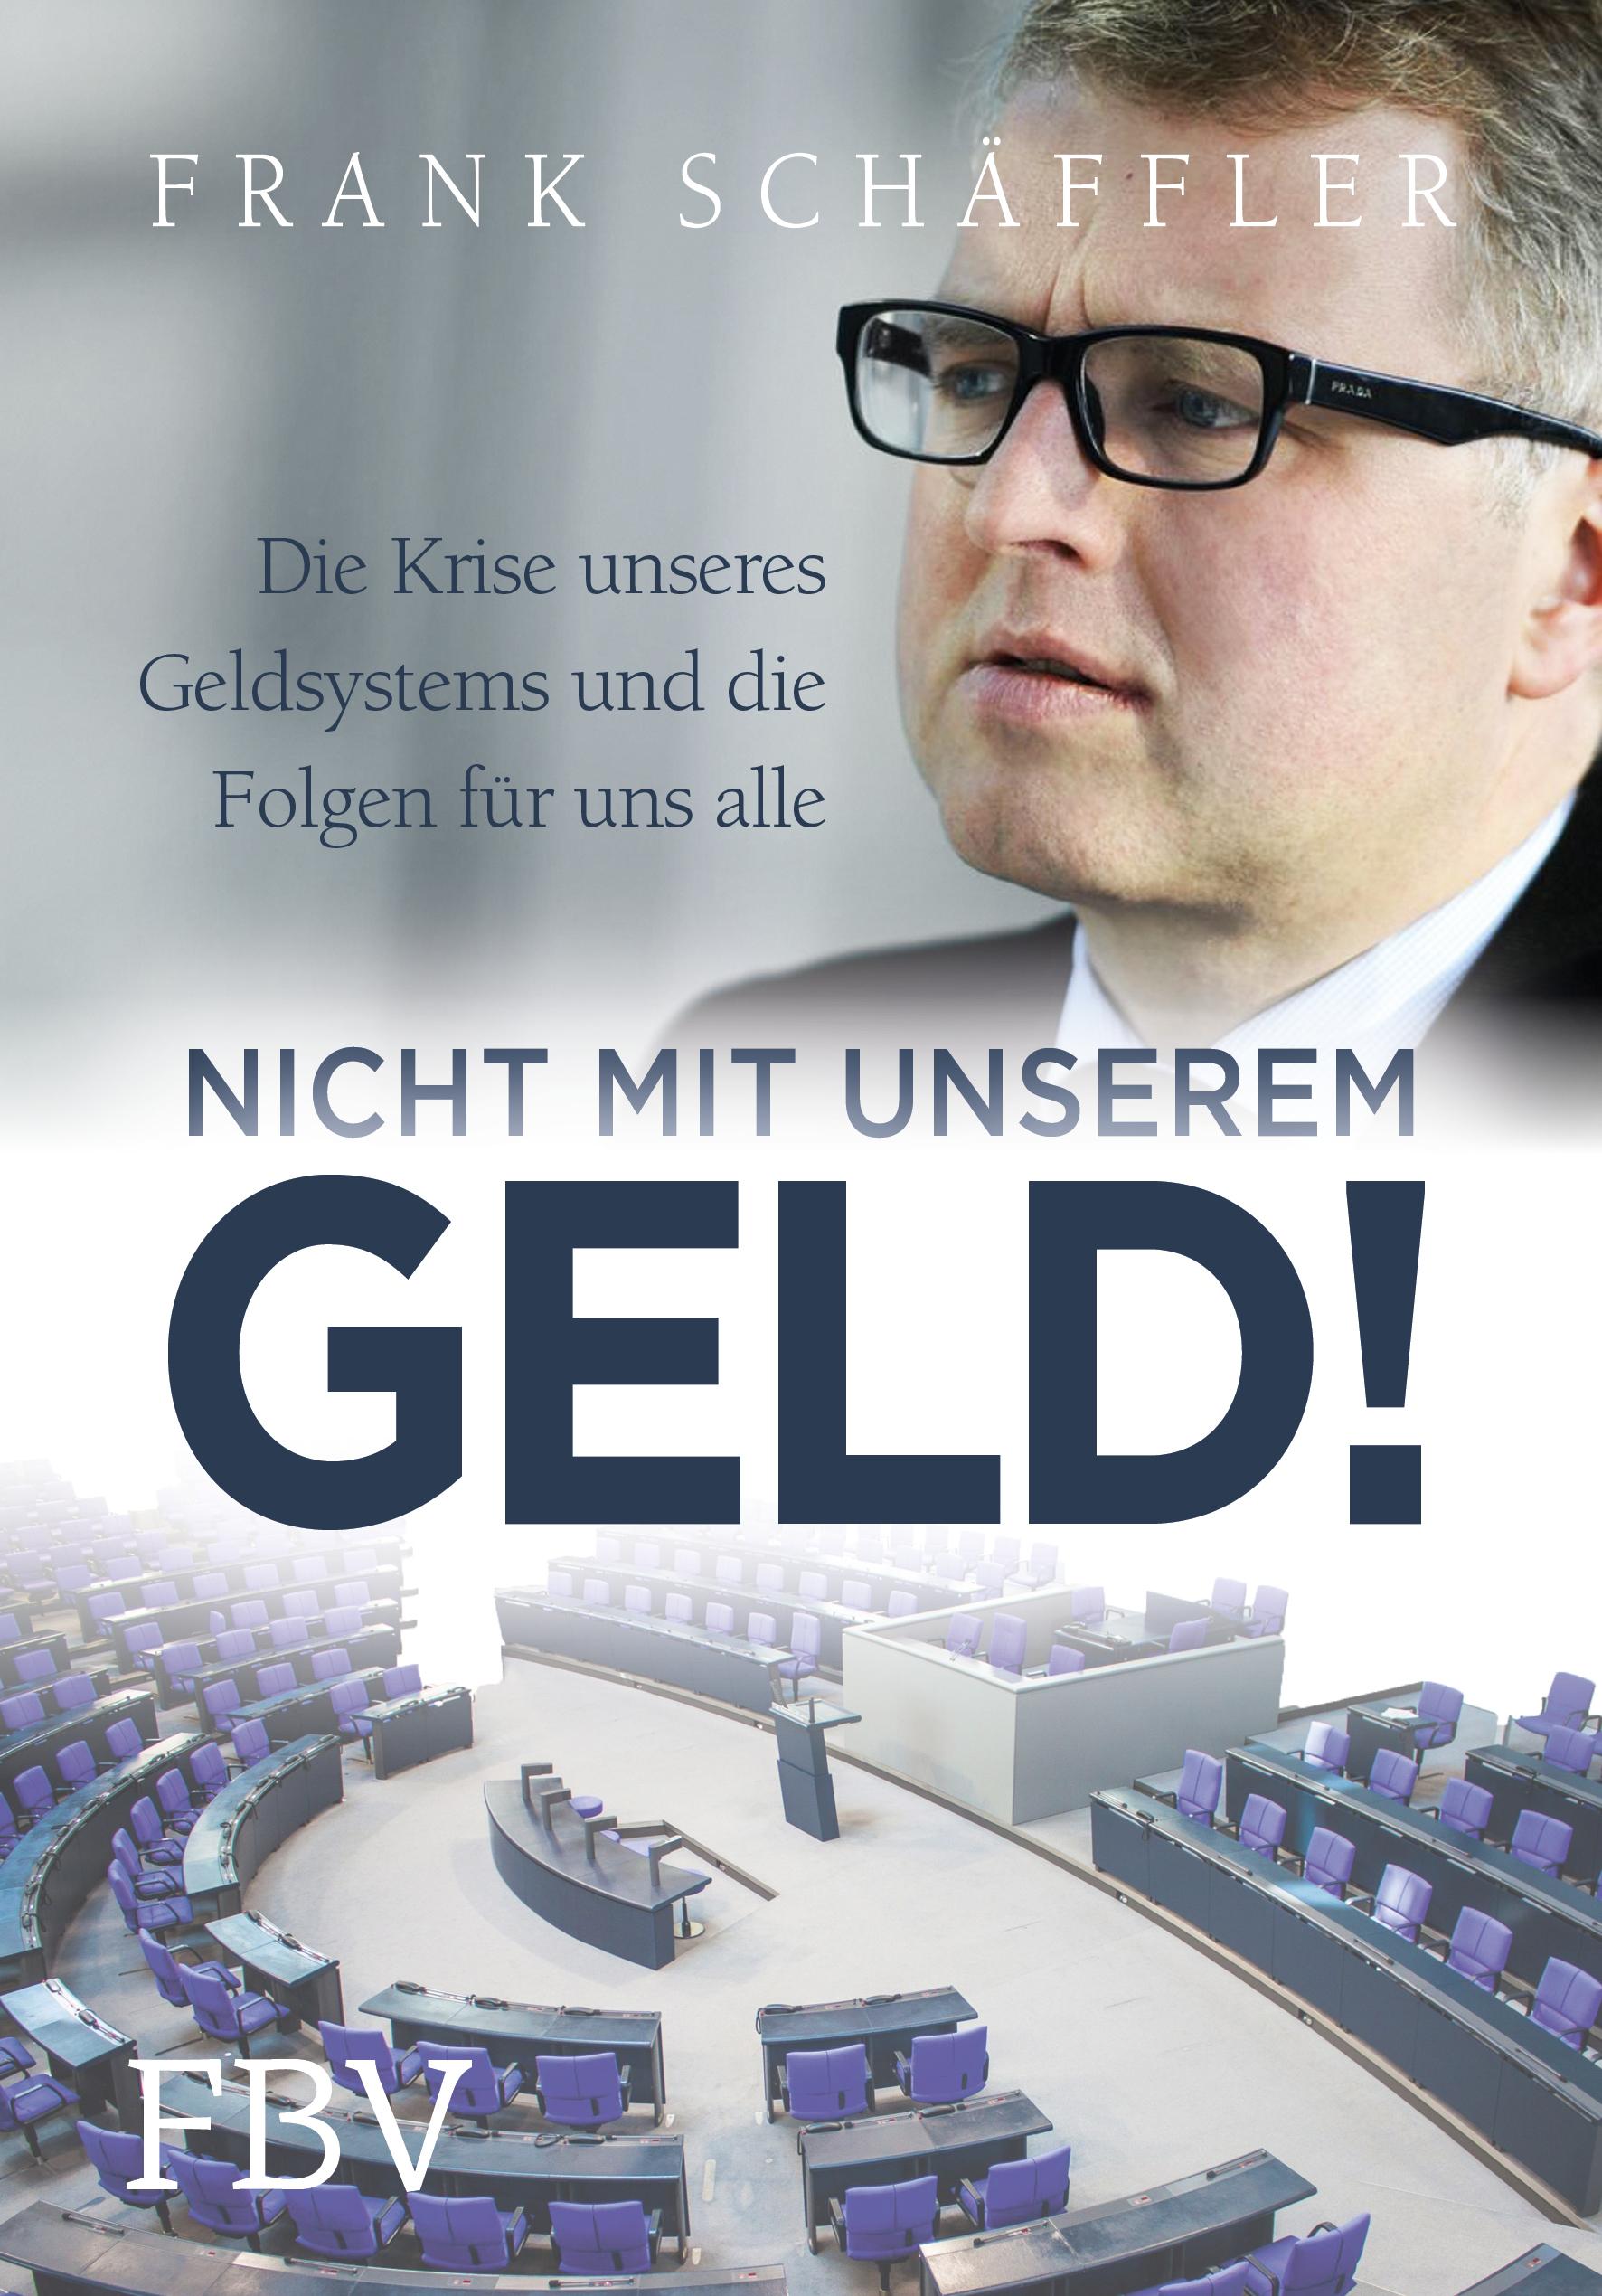 Buchlesung und Diskussion mit Frank Schäffler